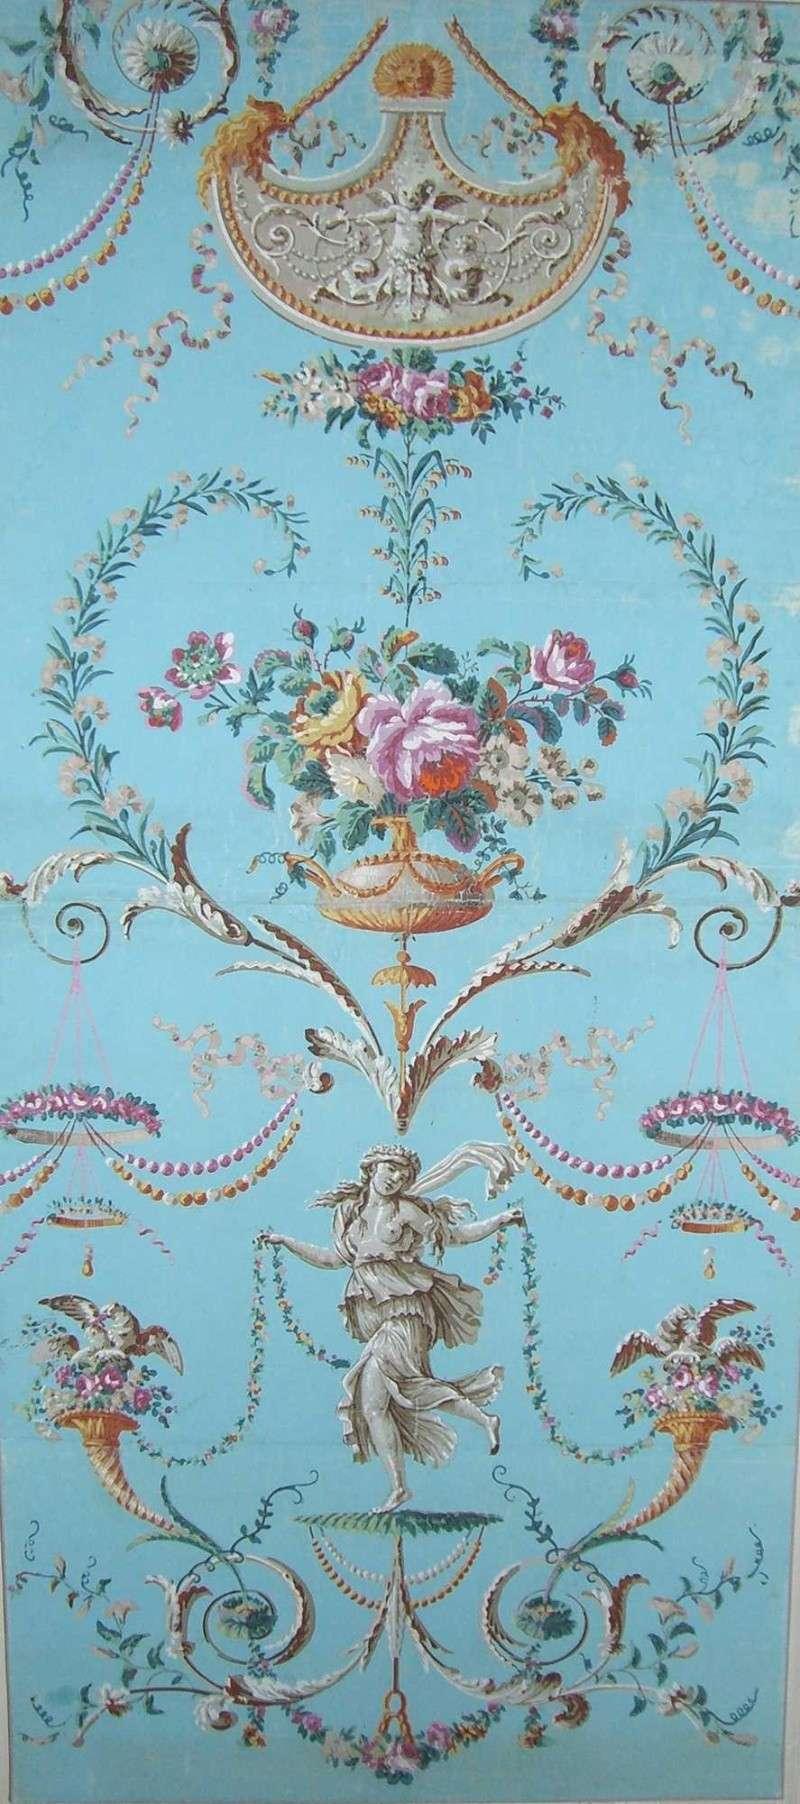 Papiers peints de rêve au XVIIIe siècle Thibau10